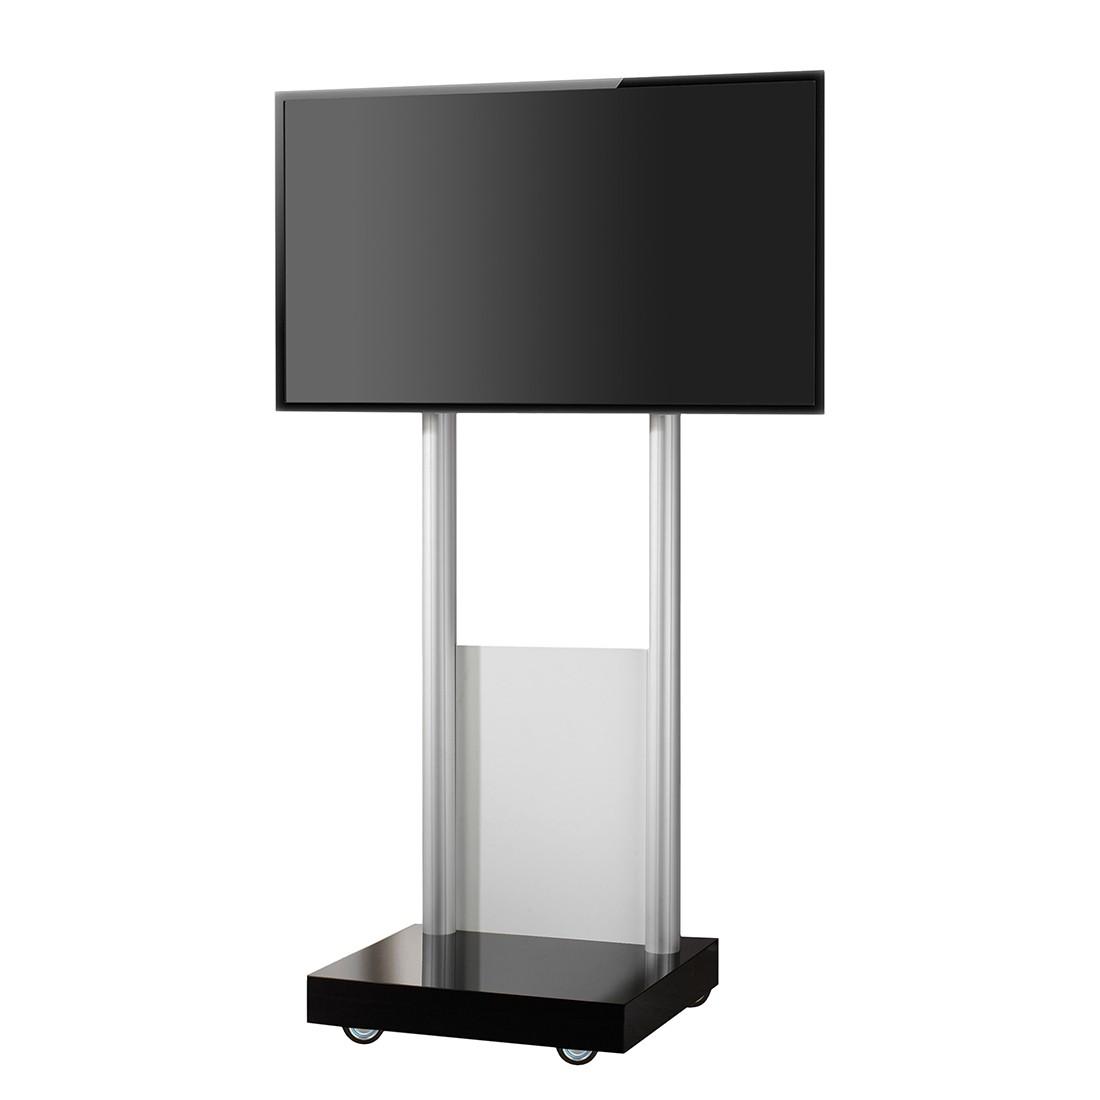 TV-Standfuß Monte Visolo 1 – TV Standfuß – Melamin / Aluminium Schwarz, VCM günstig online kaufen